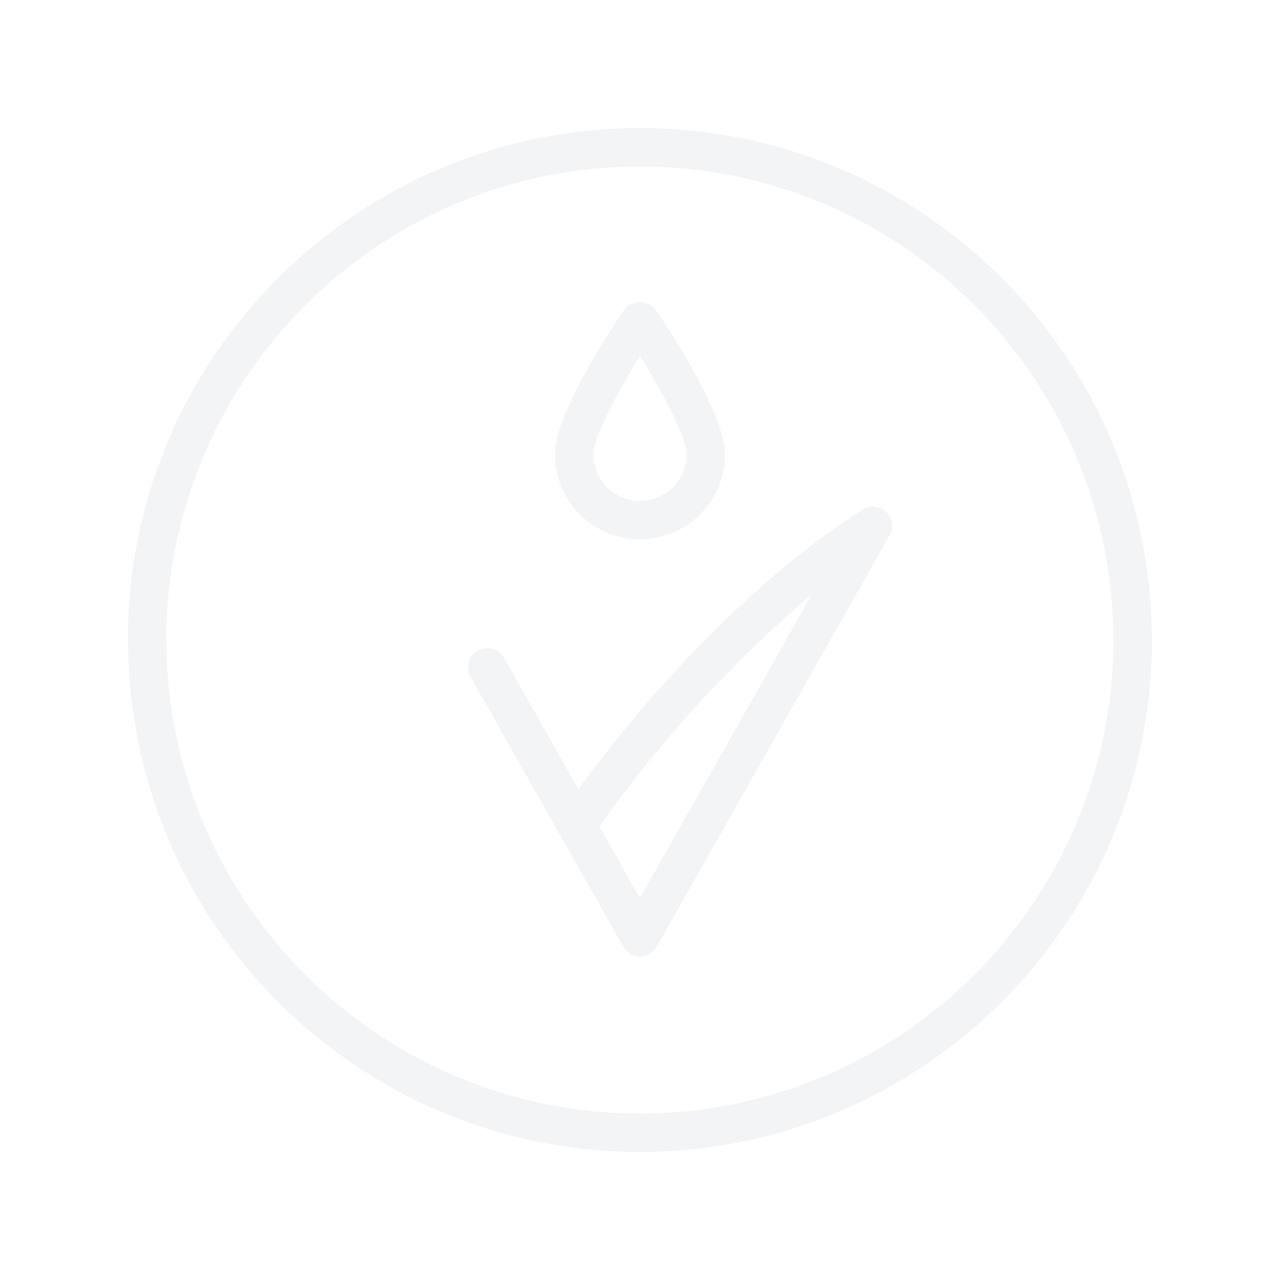 Sleek Makeup Brow Kit No.818 Dark 3.8g